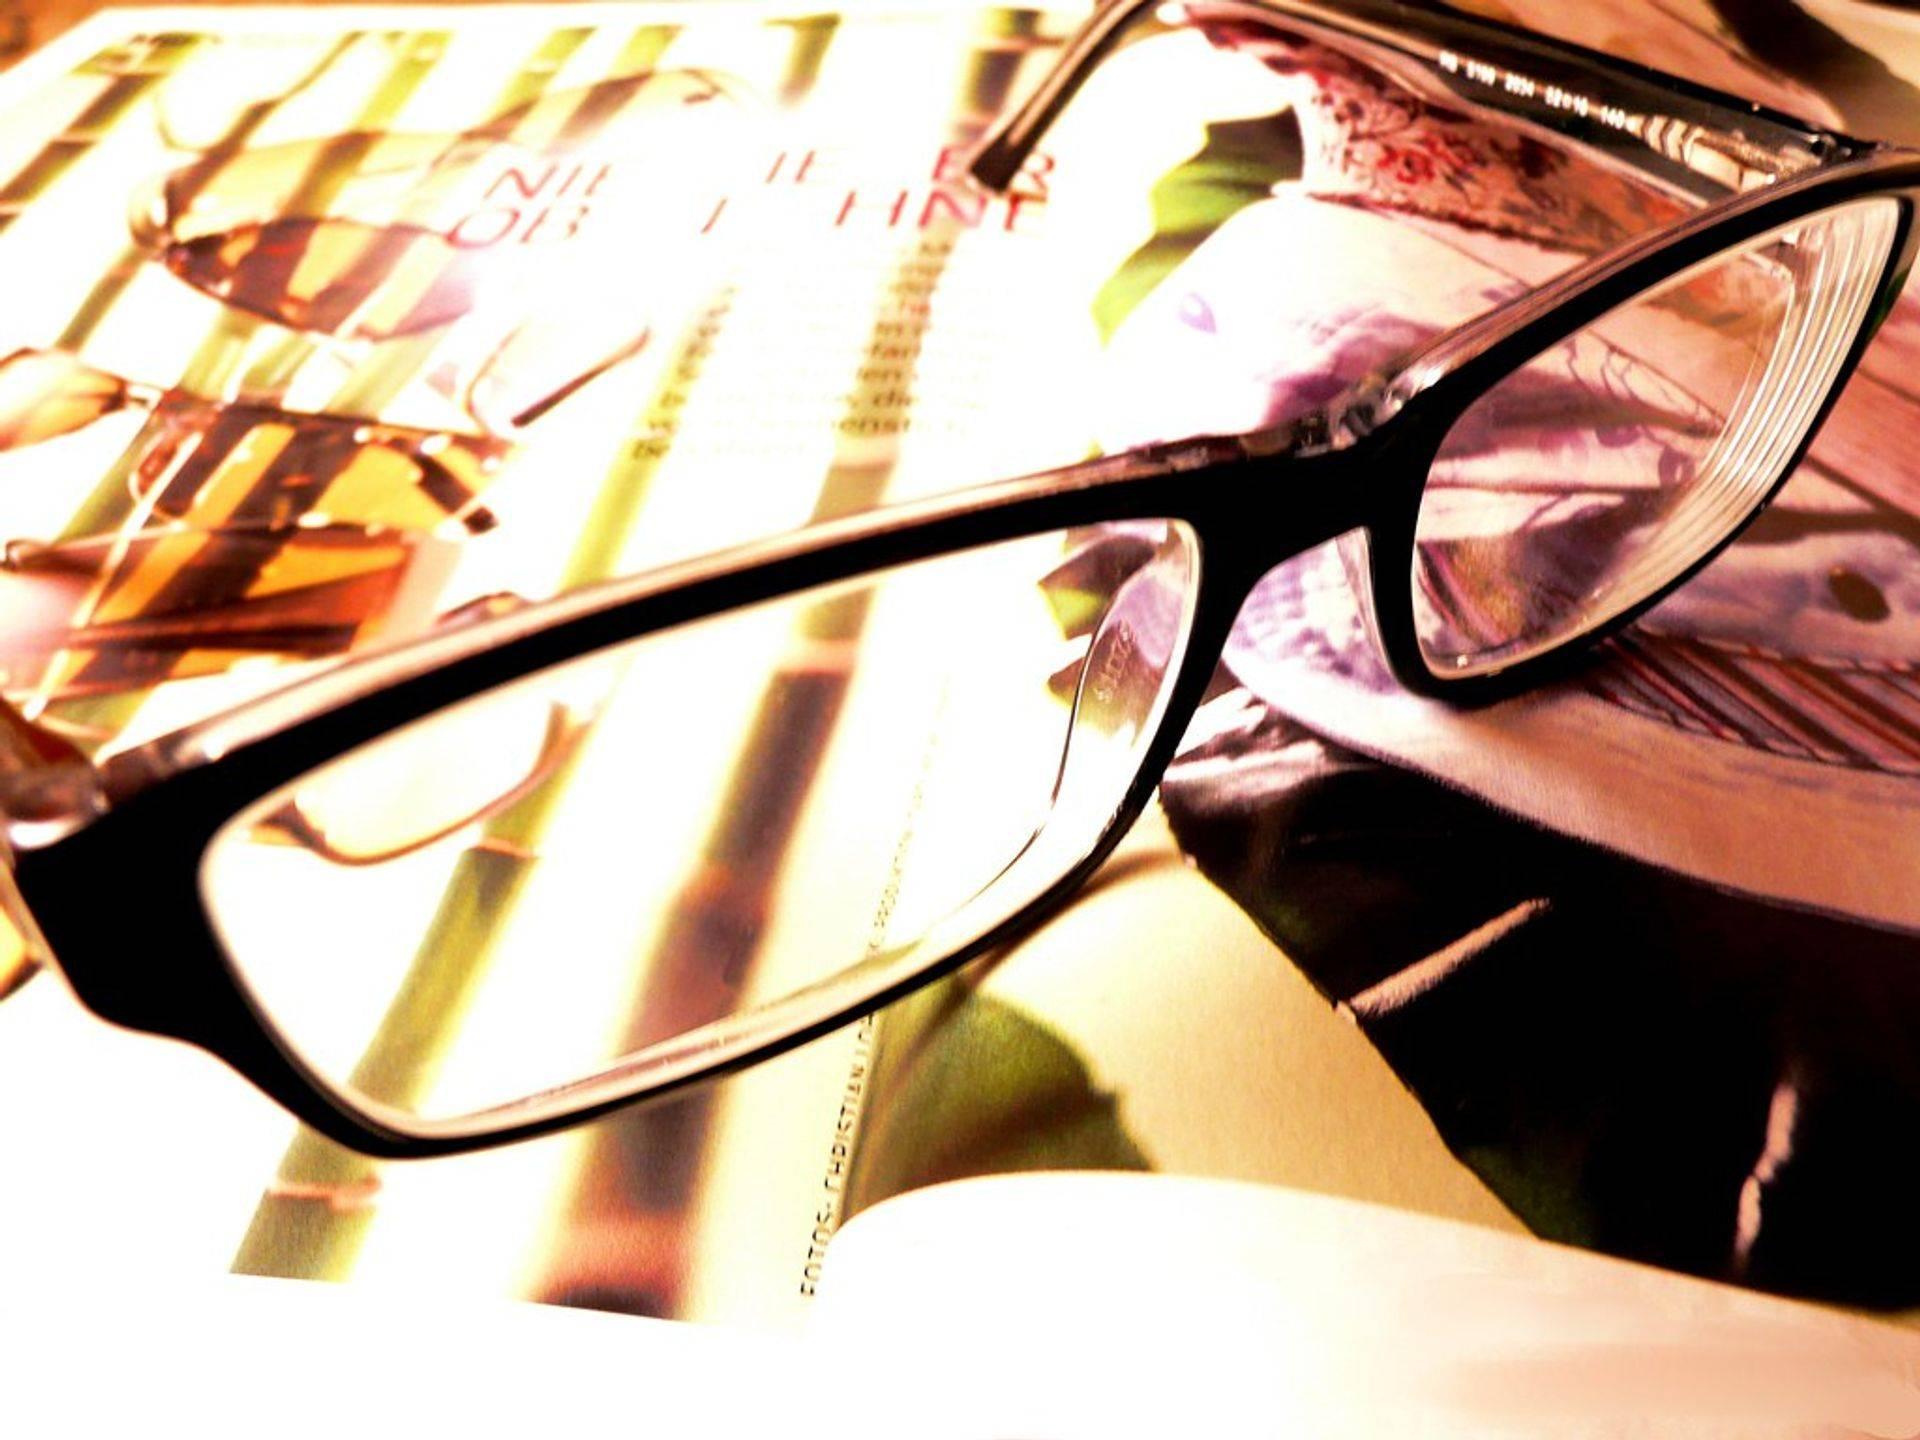 eye doctor optometrist